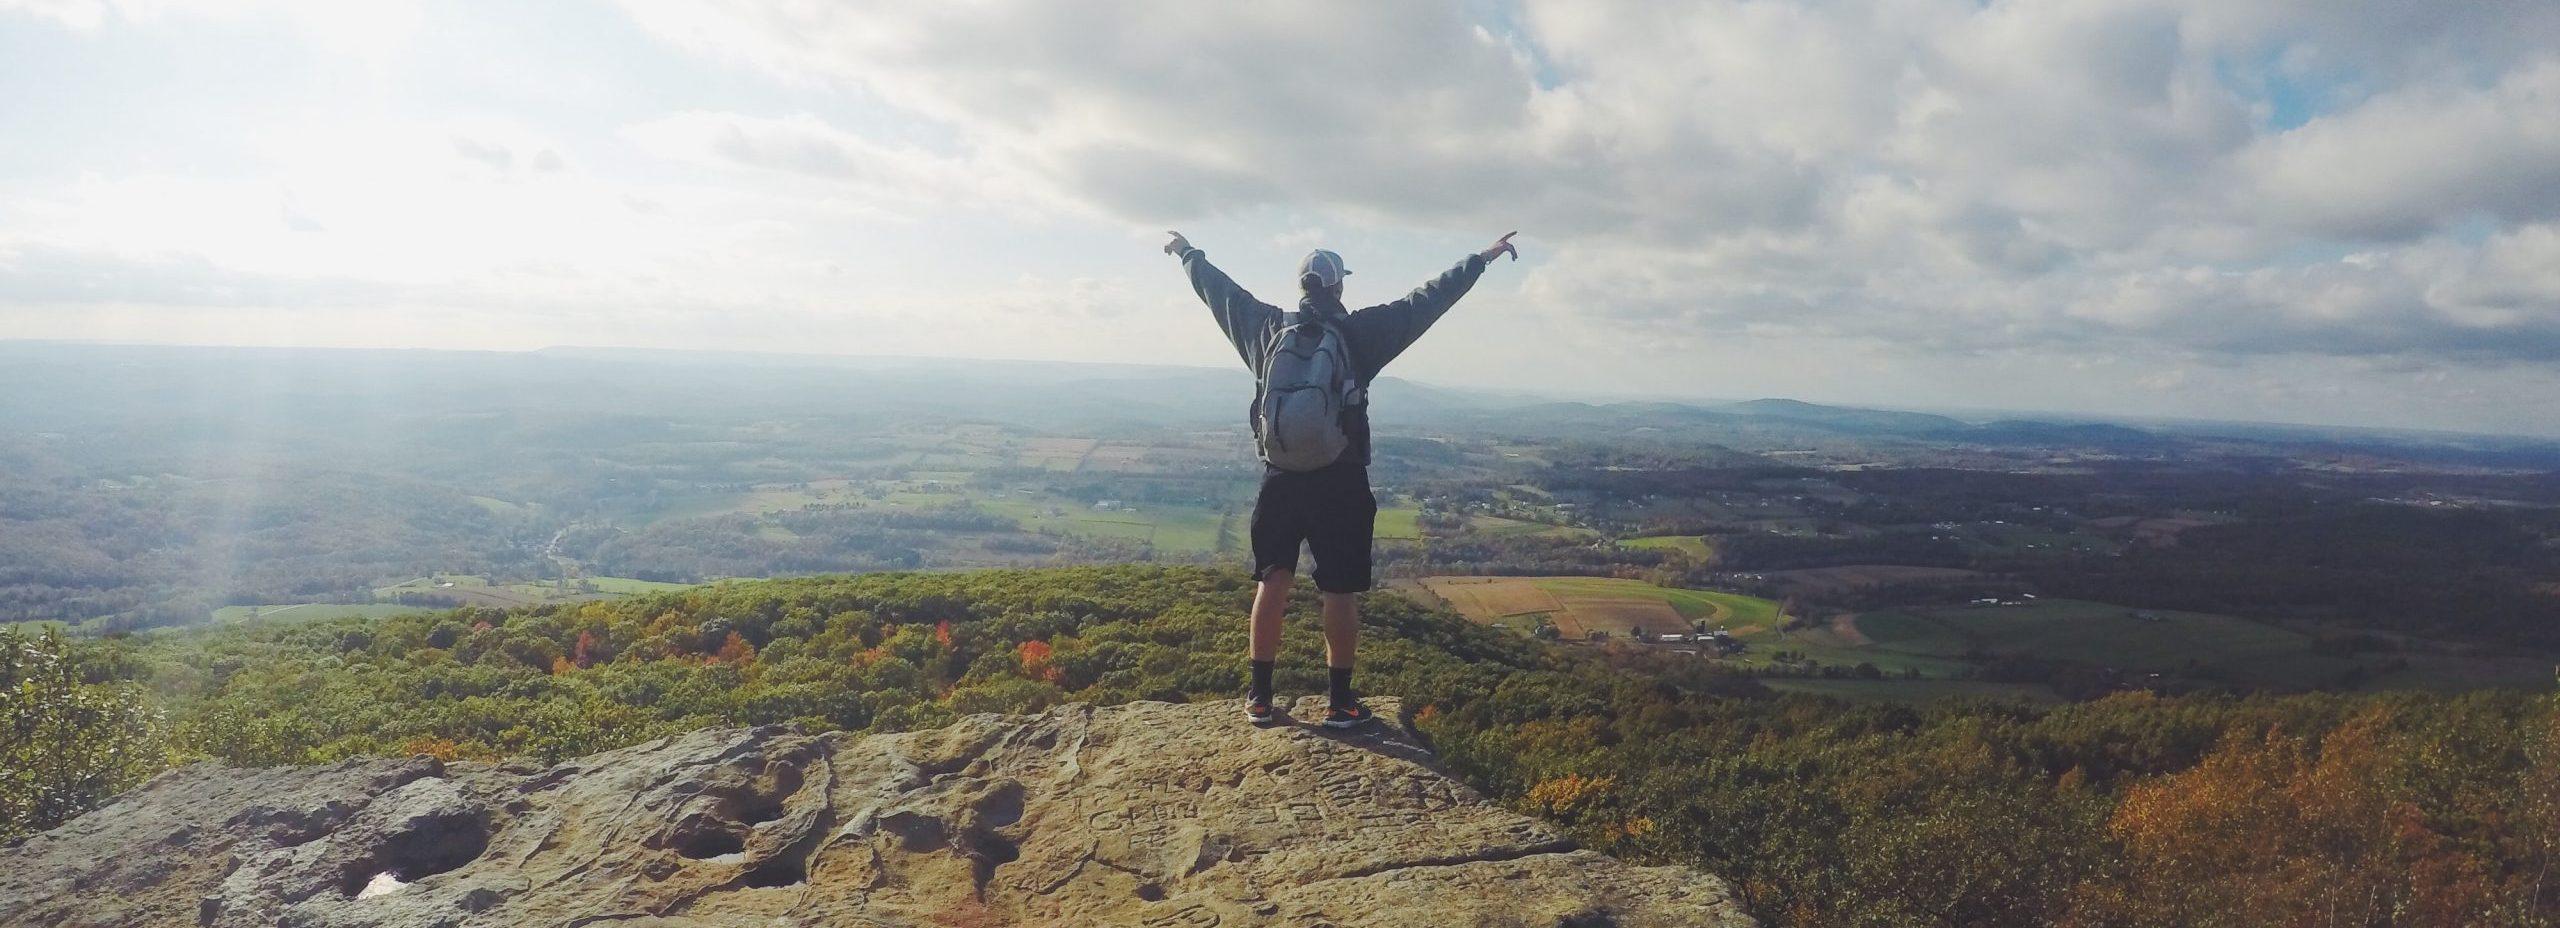 Mann steht auf Berg und hält gewinnend die Arme in die Luft